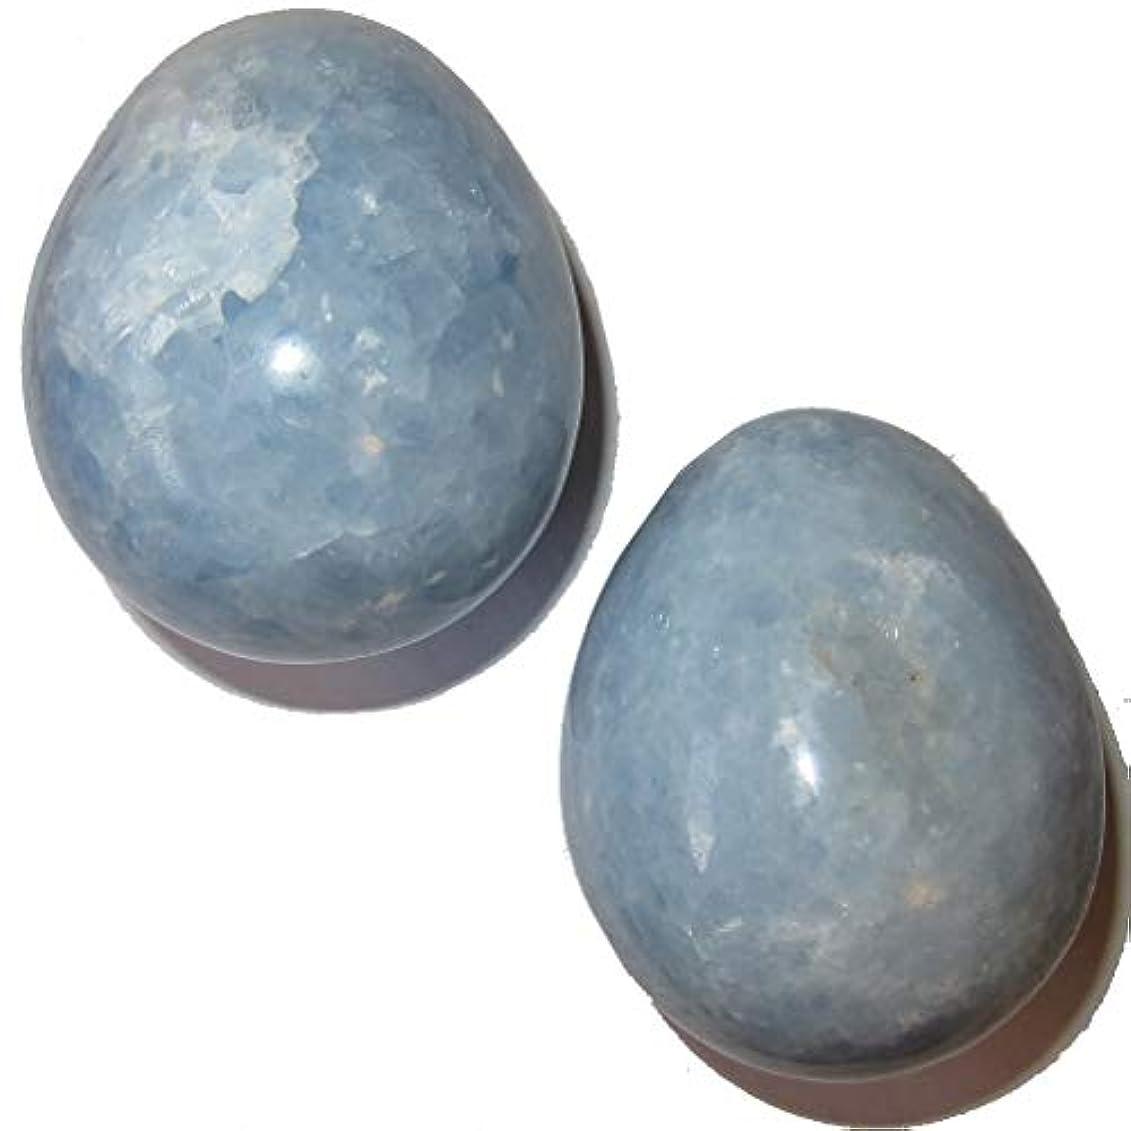 大通りスタジアム有力者Calcite Eggブルー50天体クリスタルHealing Stone Holy Divination Prayer Gemstone 2.3